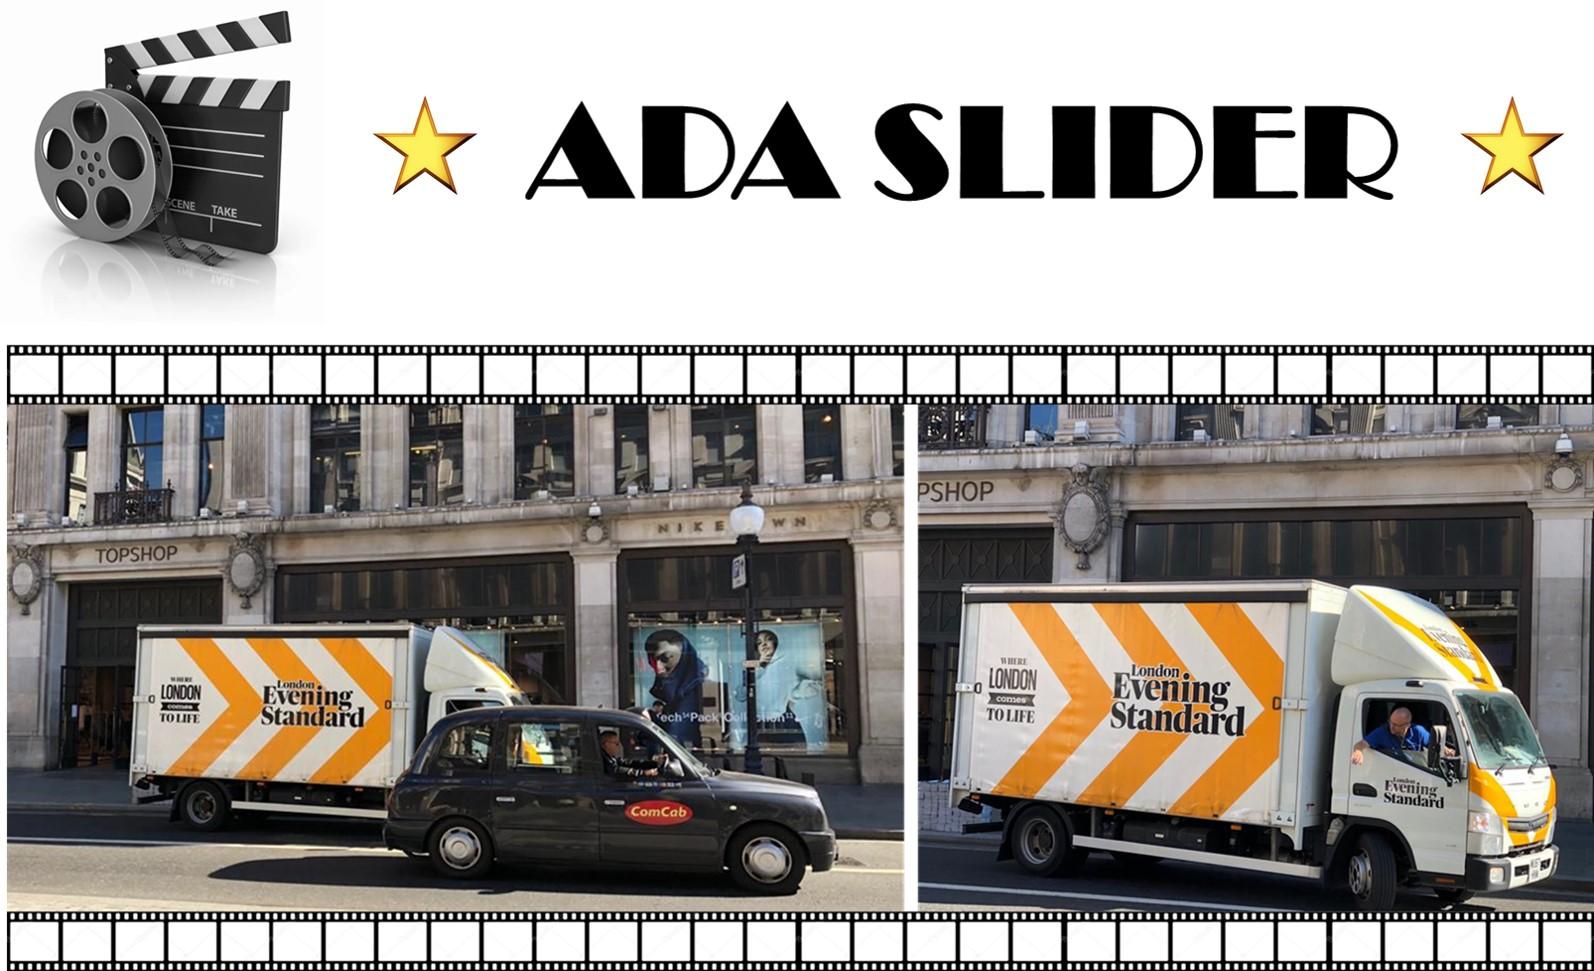 Unser ADA-SLIDER fährt mit seiner UNAUFHALTBAREN ENTWICKLUNG fort